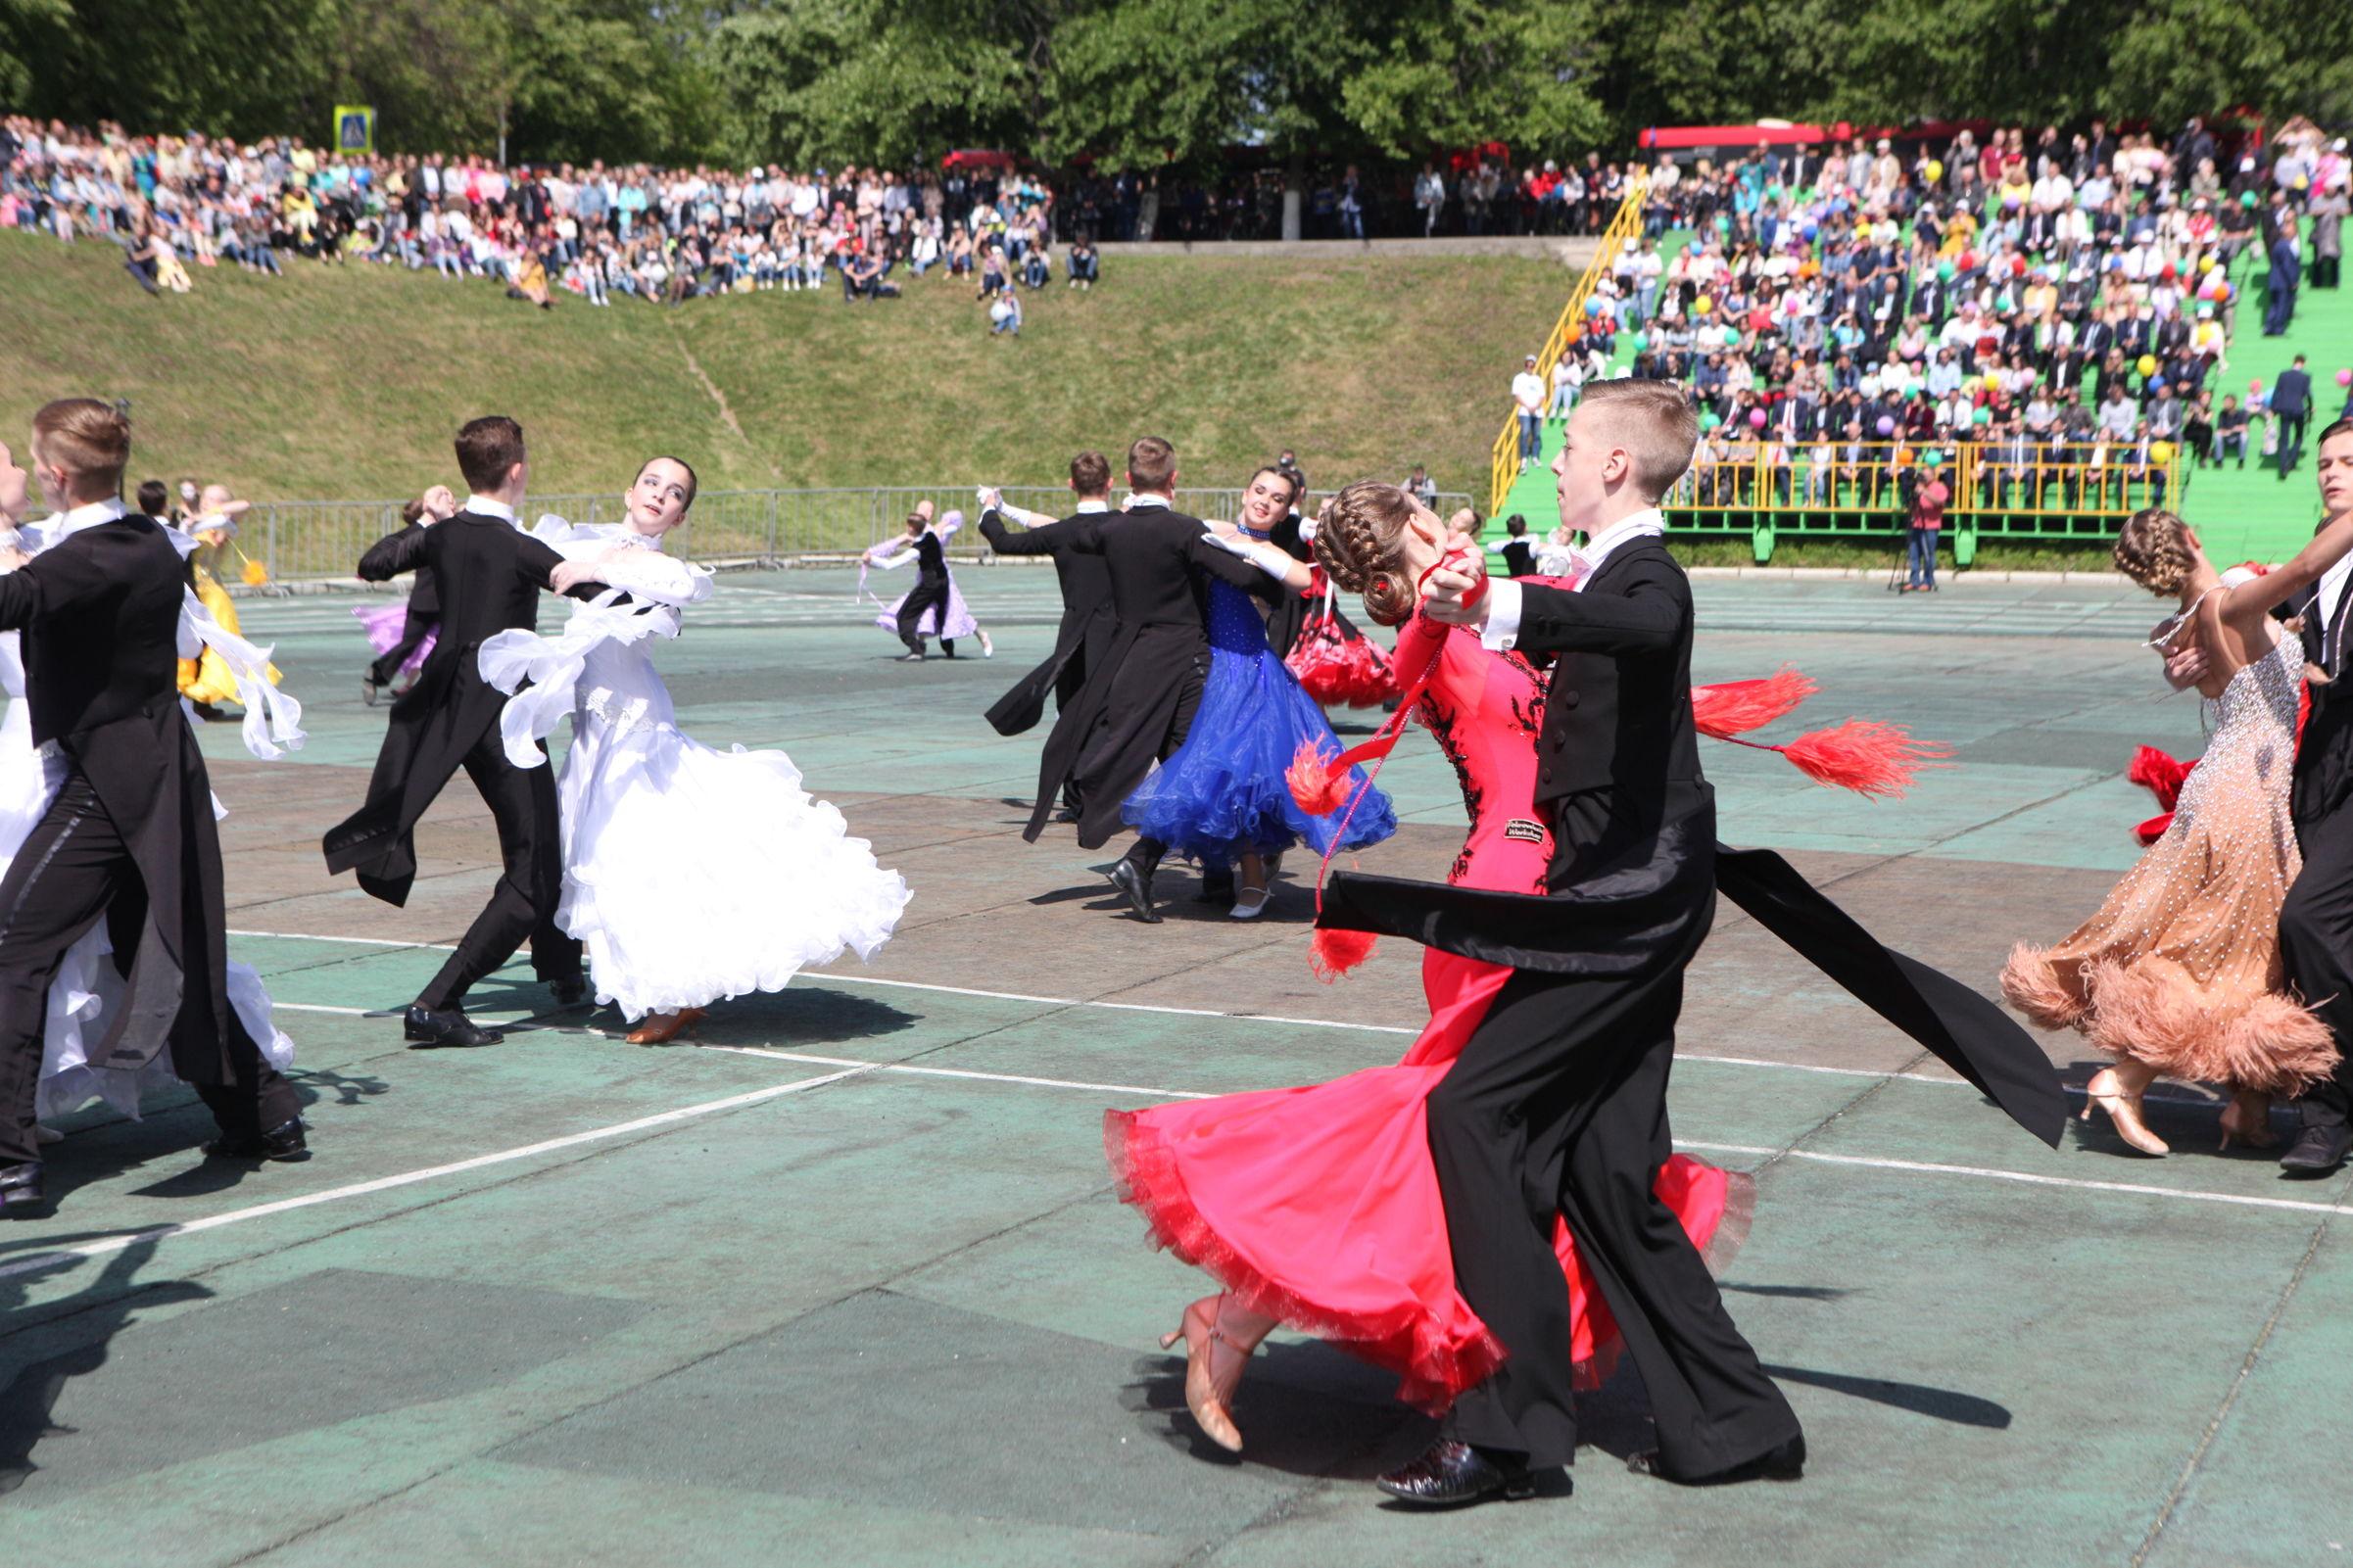 В Ярославле проходят праздничные мероприятия по случаю Дня города: фото